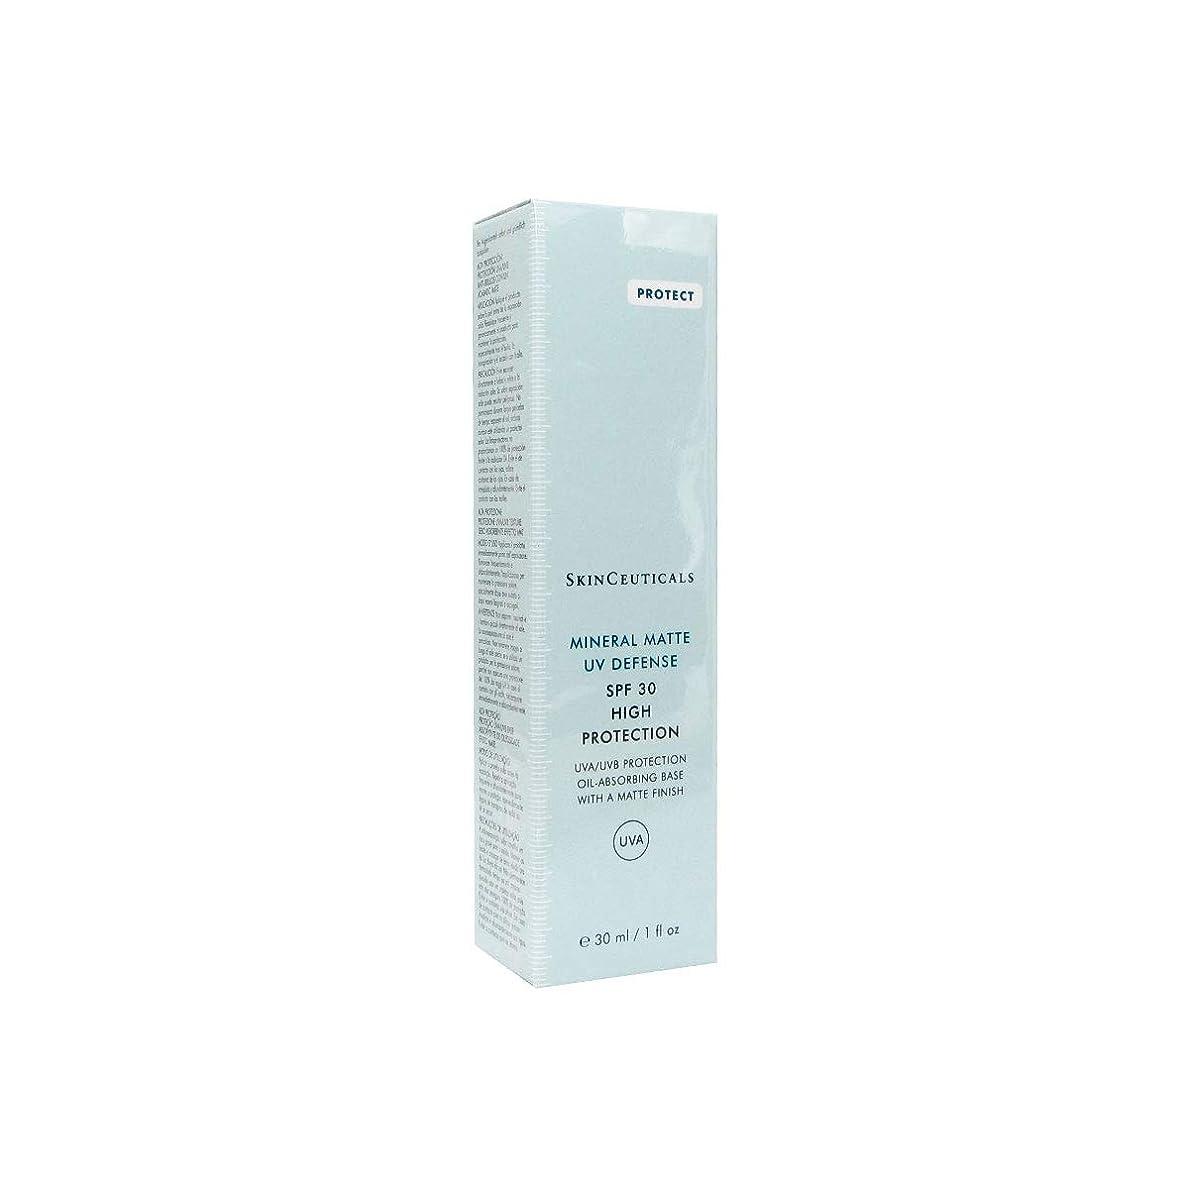 偽物ファイター違法Skinceuticals Mineral Matte Uv Defense Spf30 30ml [並行輸入品]